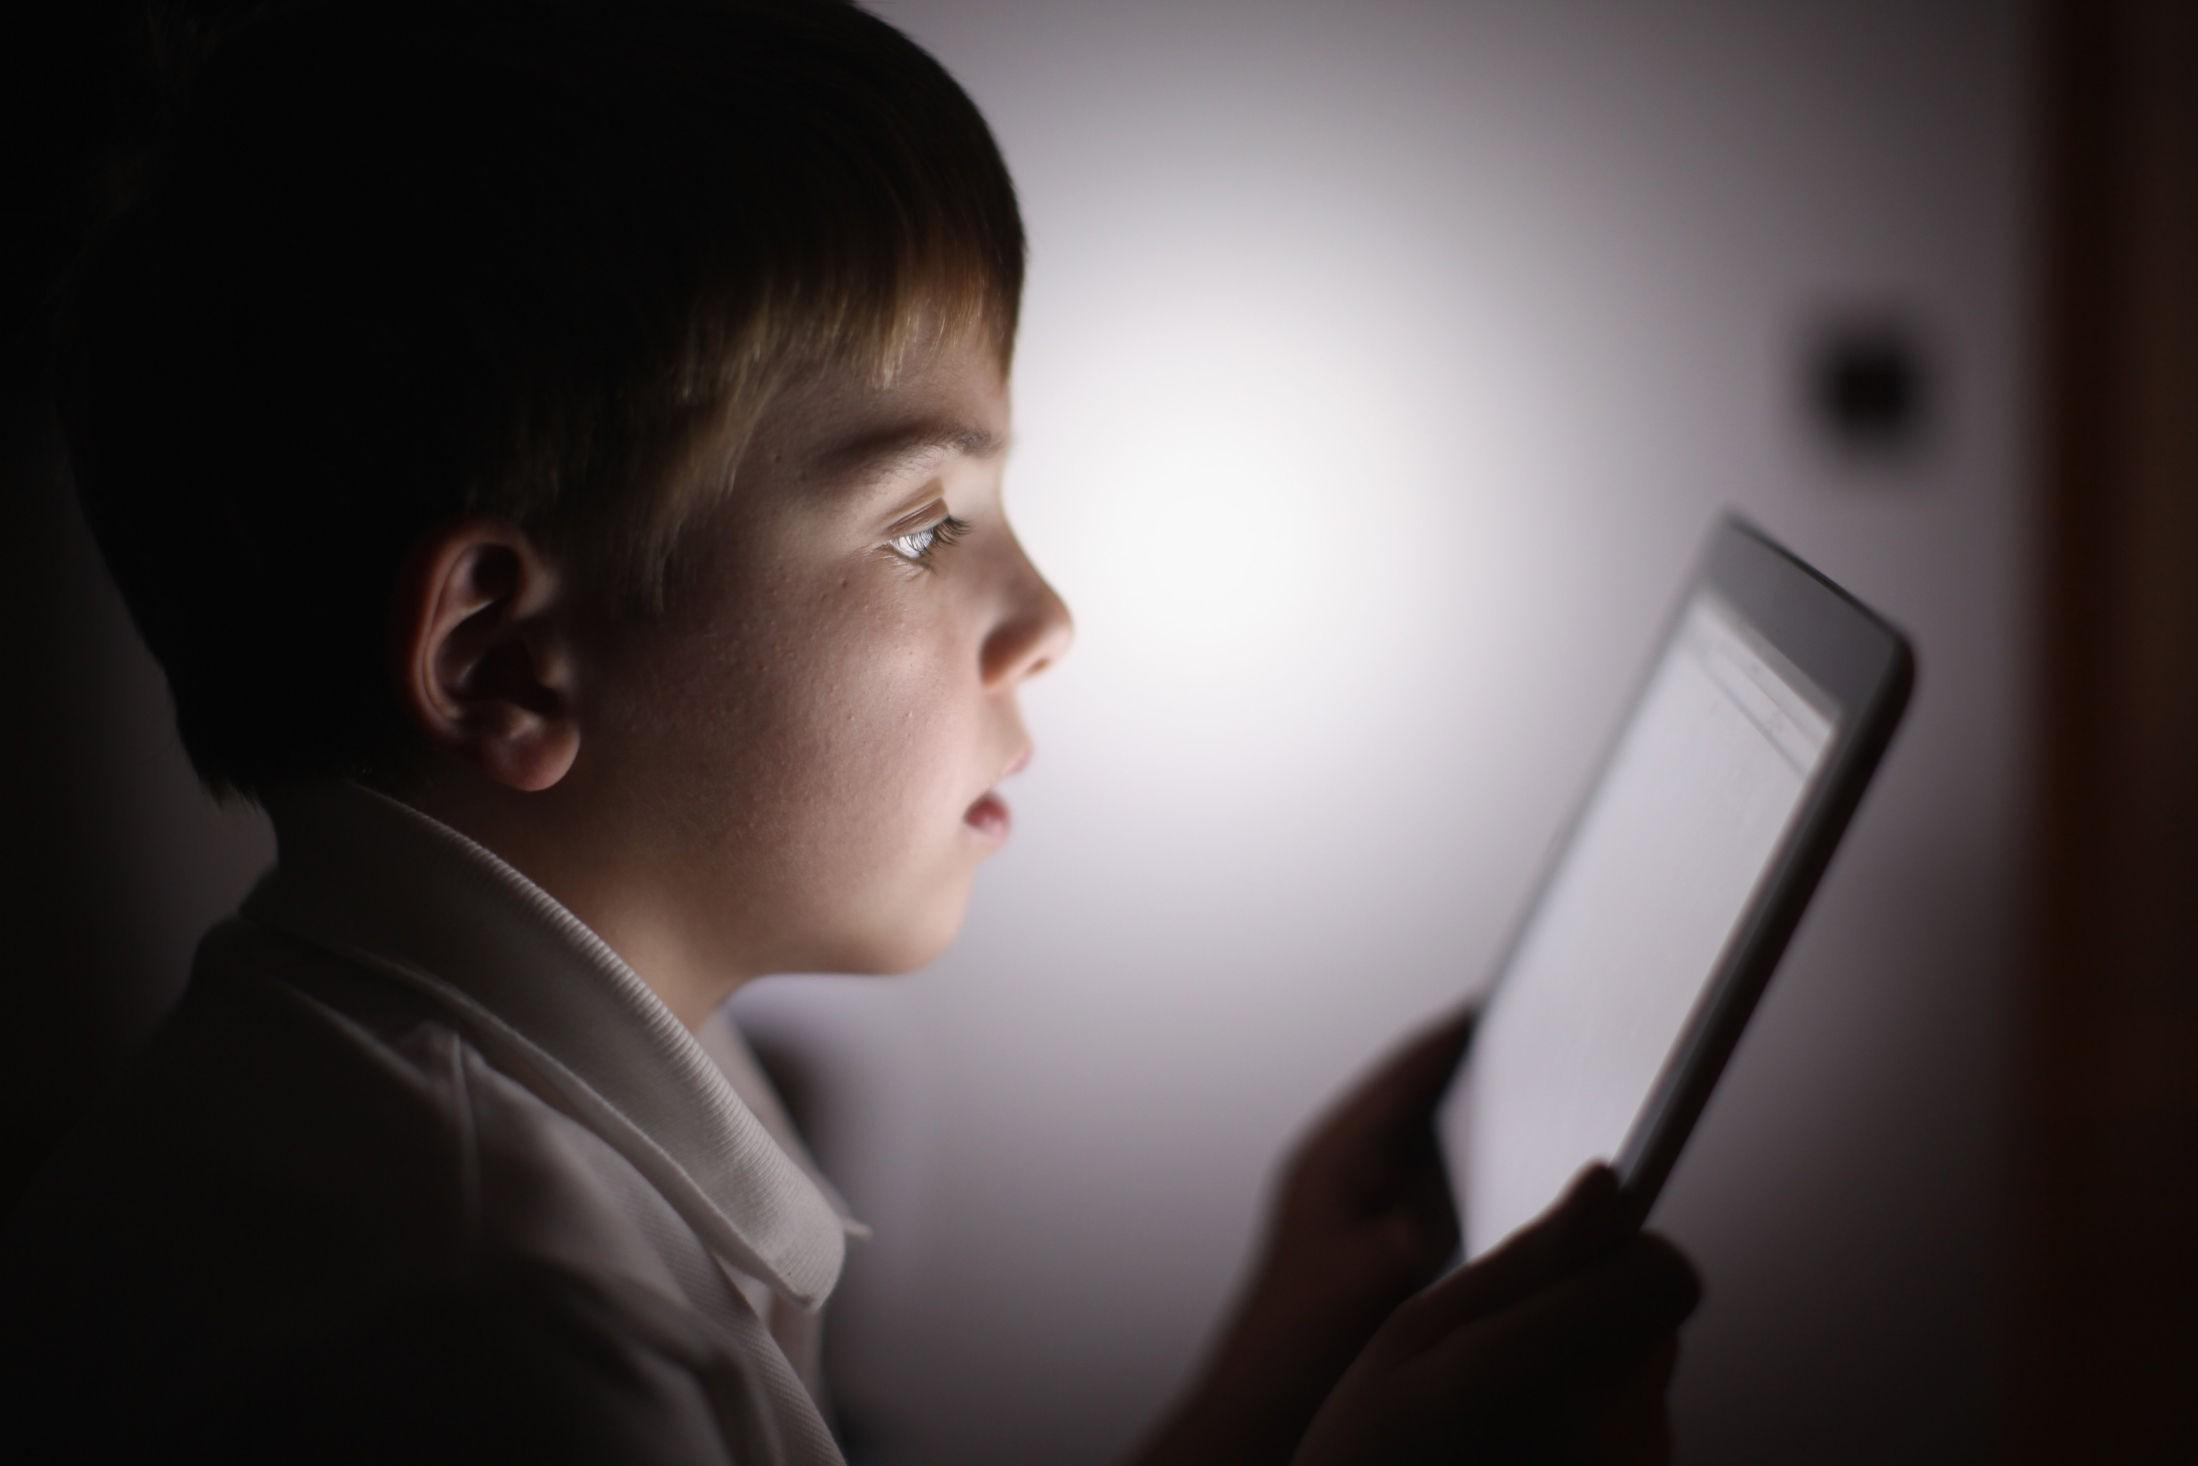 Nettbrett har blitt det mange foreldre anser som en avhengighet for barna. Professor advarer derimot mot å begrense bruken.